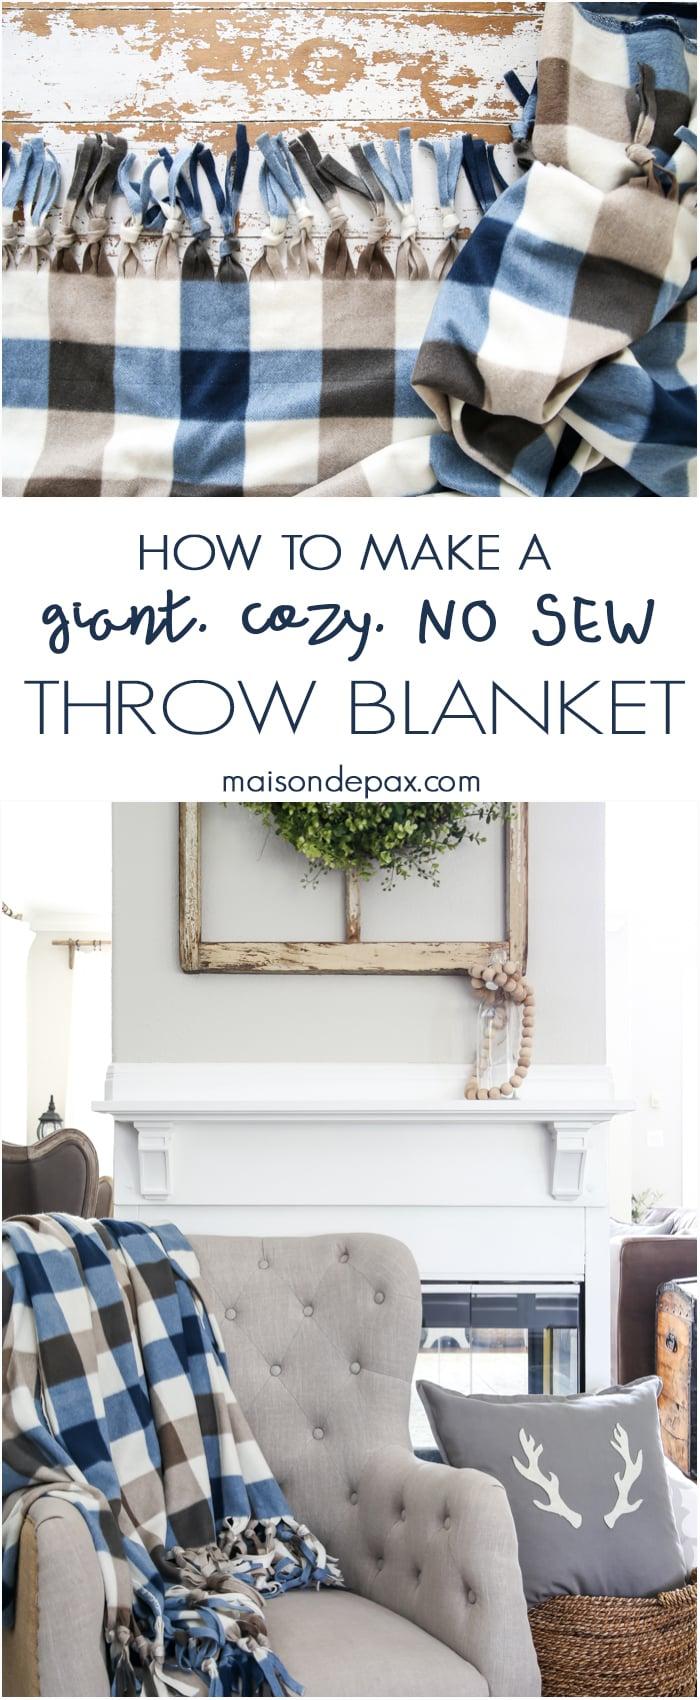 Cozy no sew blanket- Maison de Pax